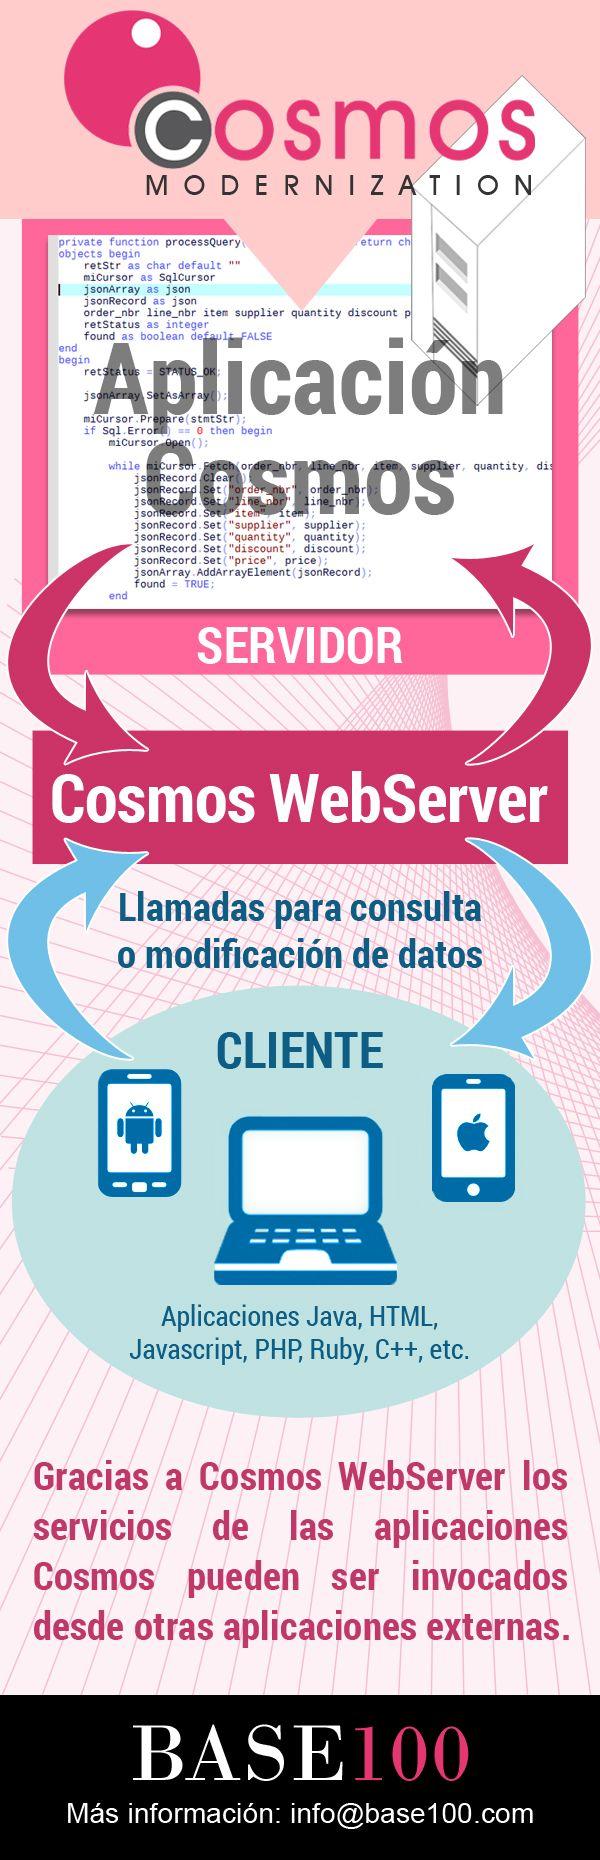 Cosmos WebServer